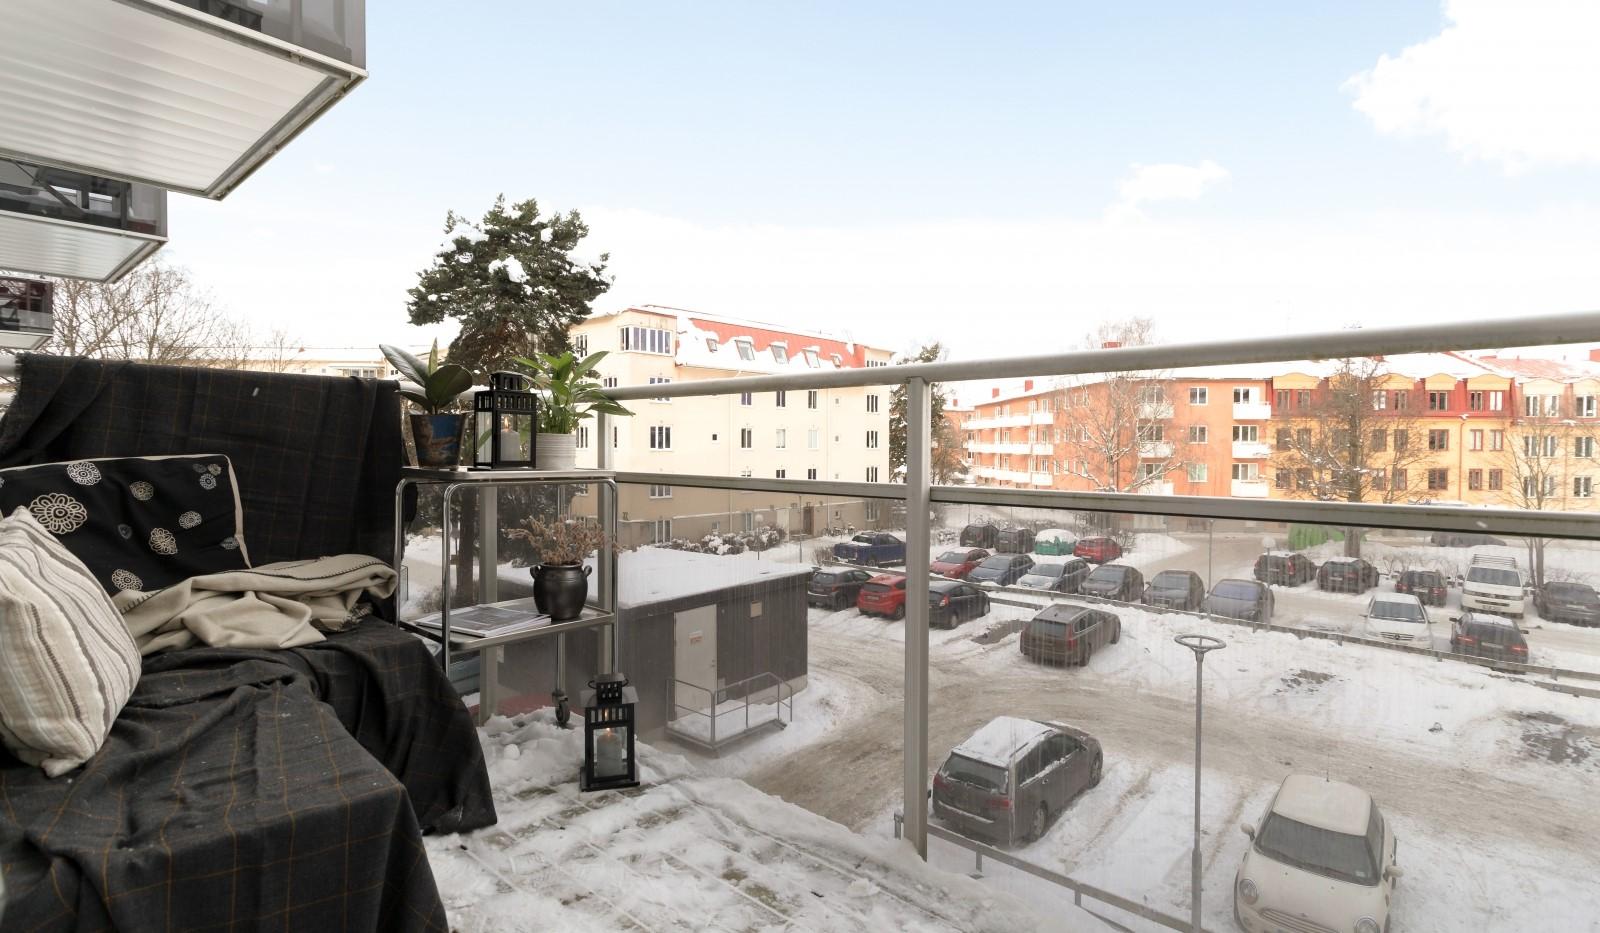 Tellusborgsvägen 90, 2 tr - Stor balkong - plats för möbler och växtodling